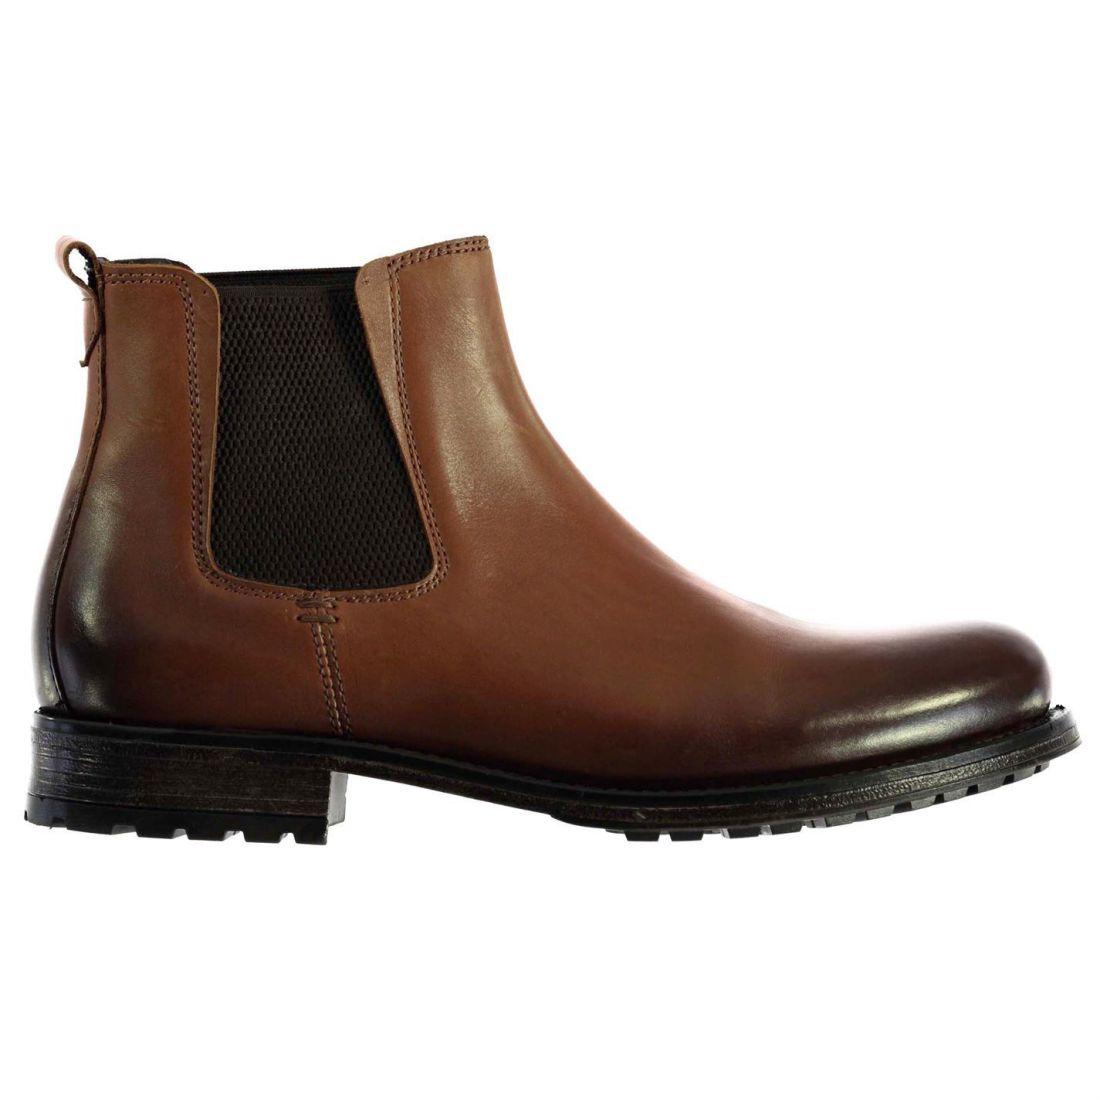 Calzado Hex Firetrap Mens Zapatos Gents Tan Chelsea Boots 76Fx1qY